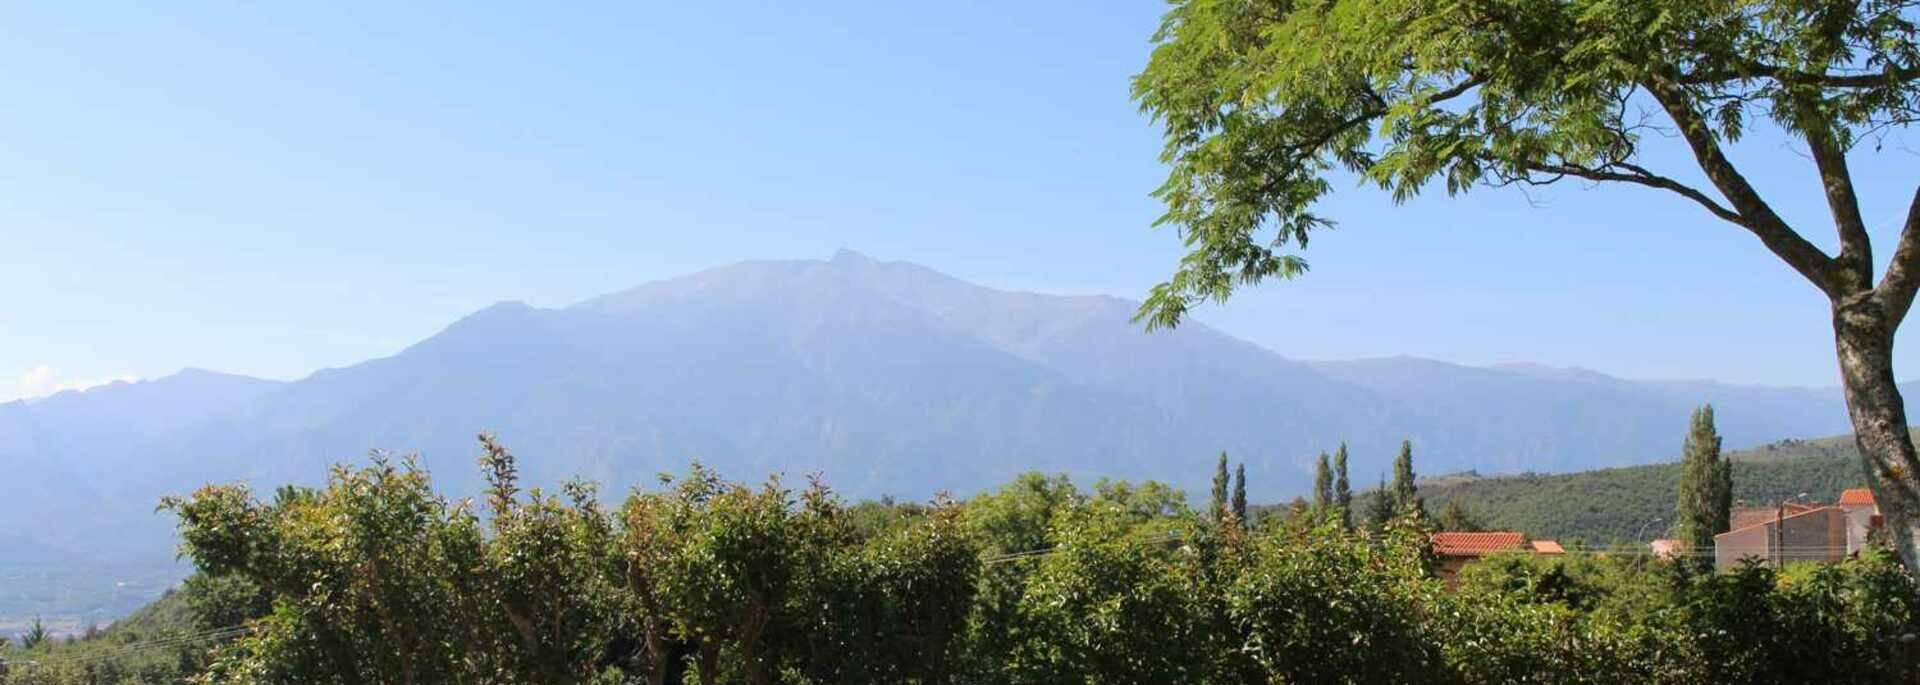 Vue sur le Canigo depuis Molitg les Bains